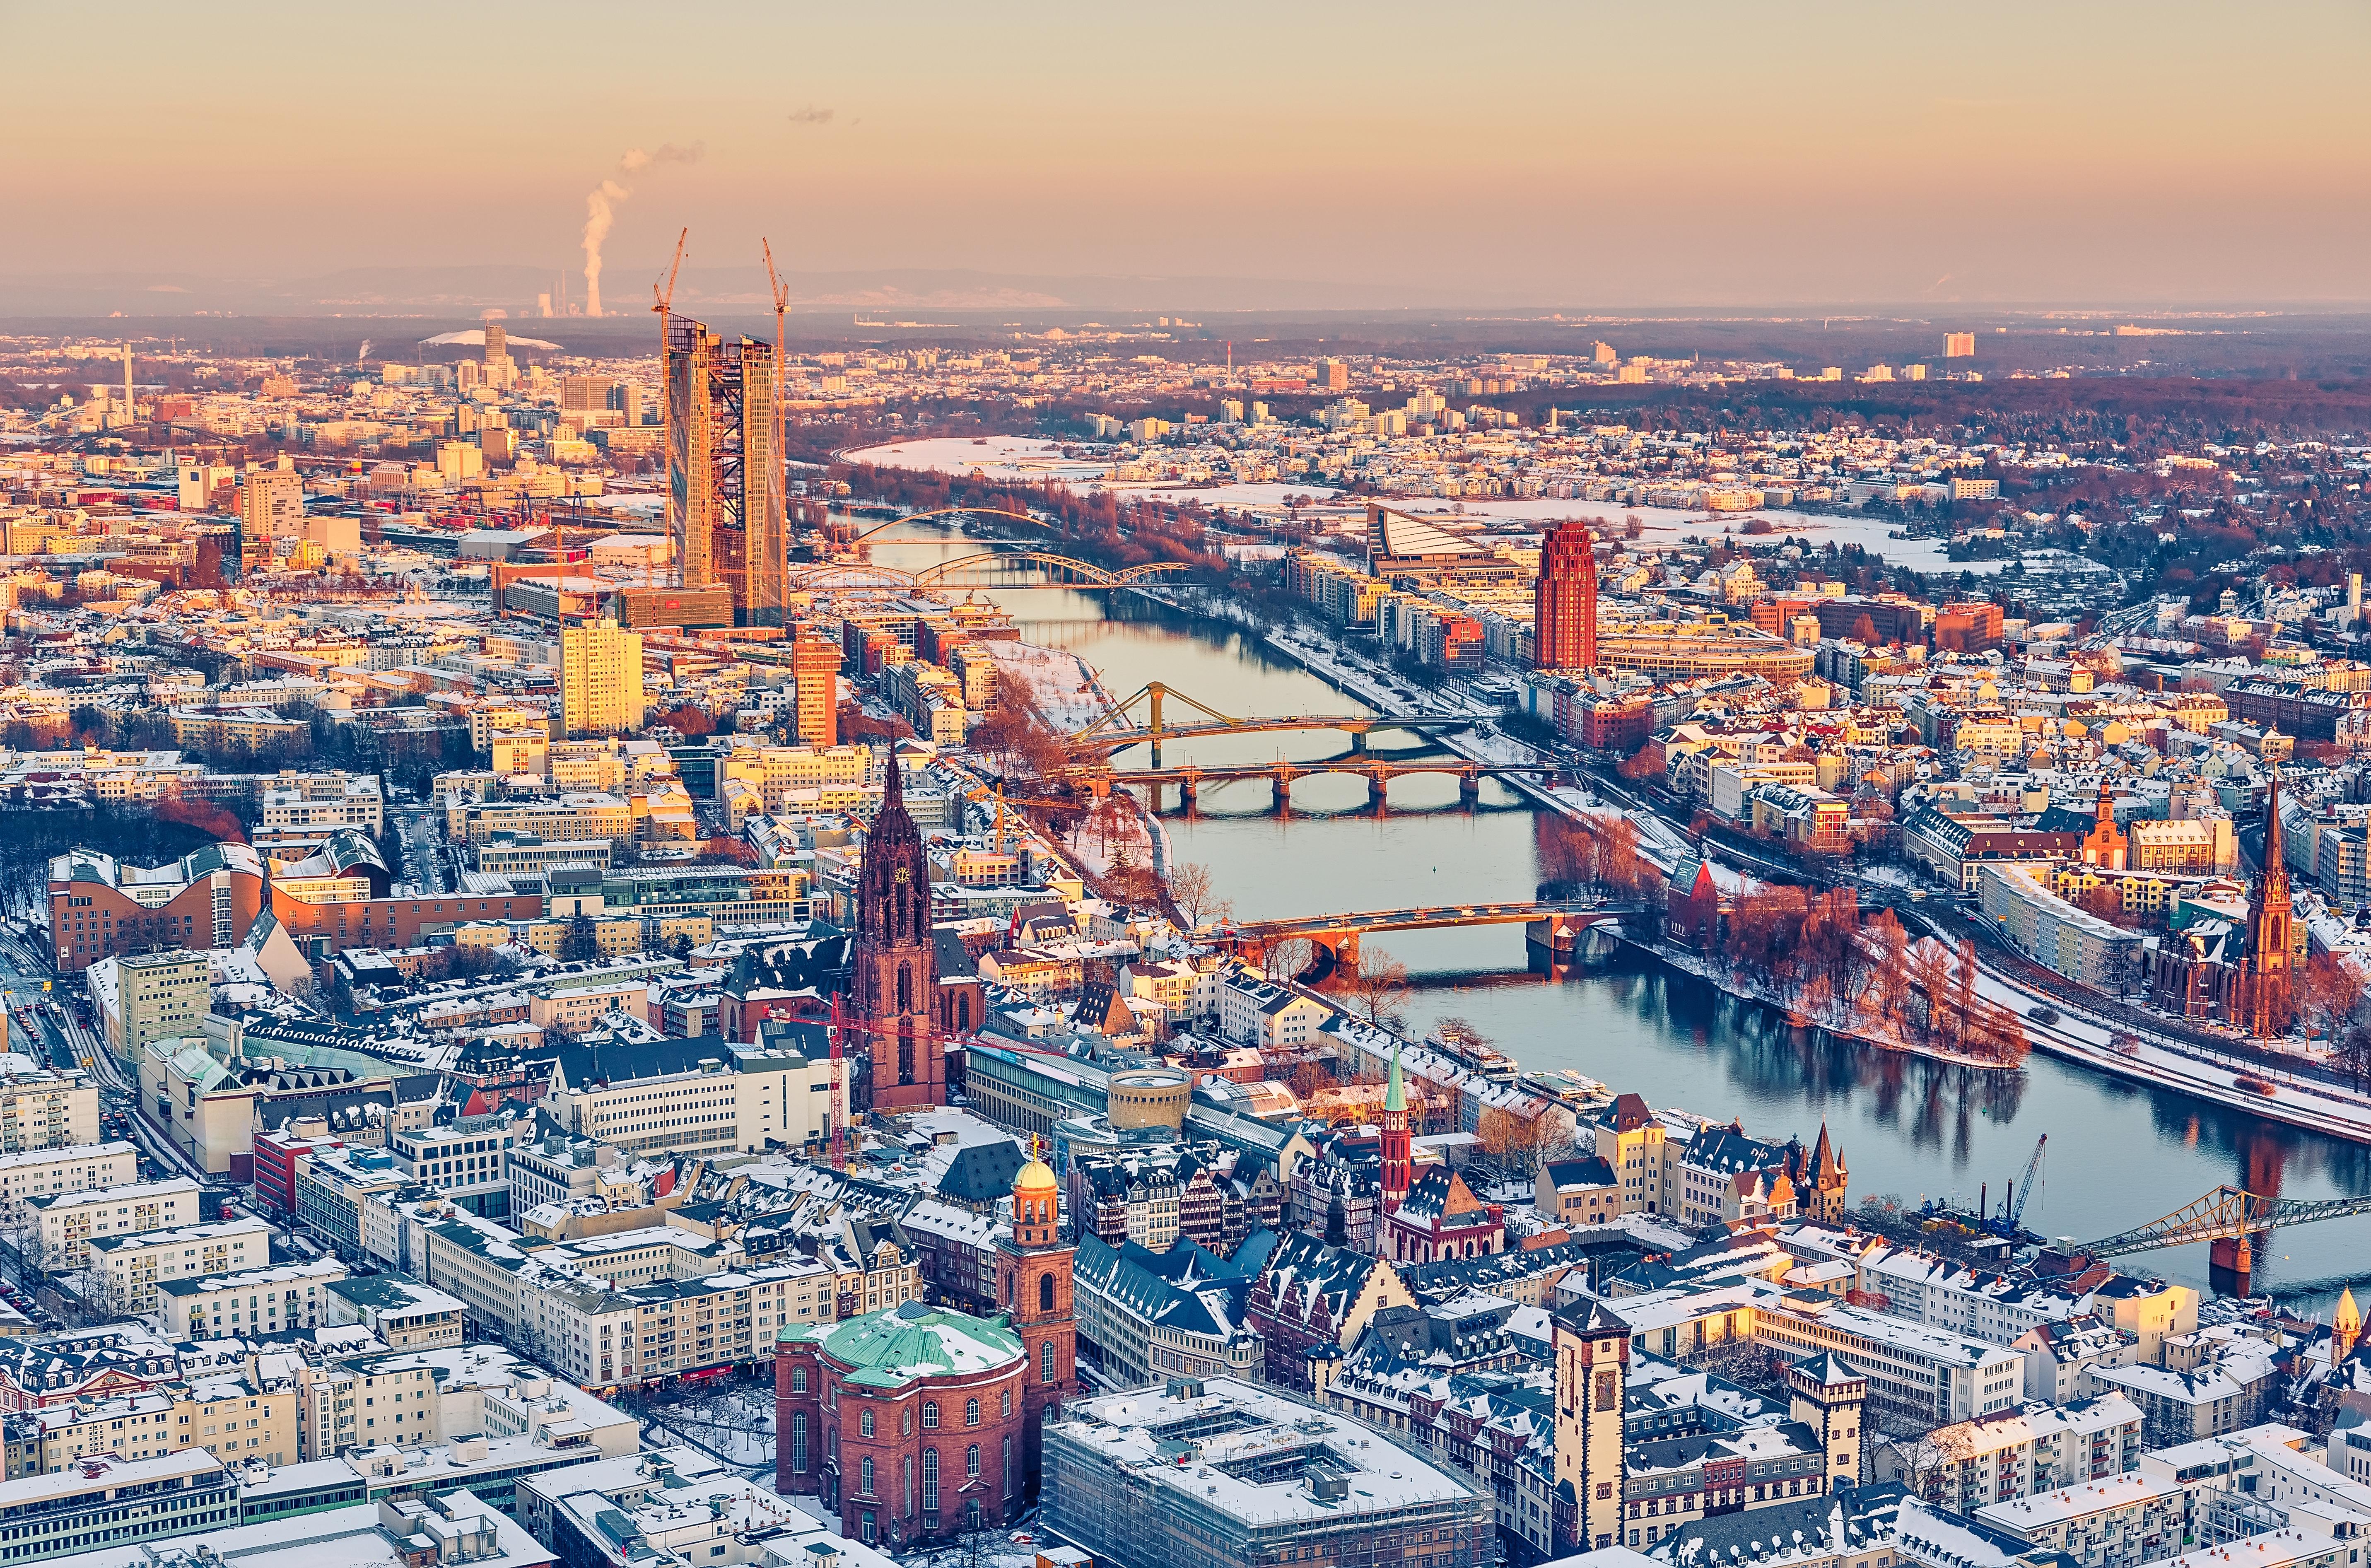 Франкфурт-на-Майне - один из лучших городов для жизни и работы в Германии